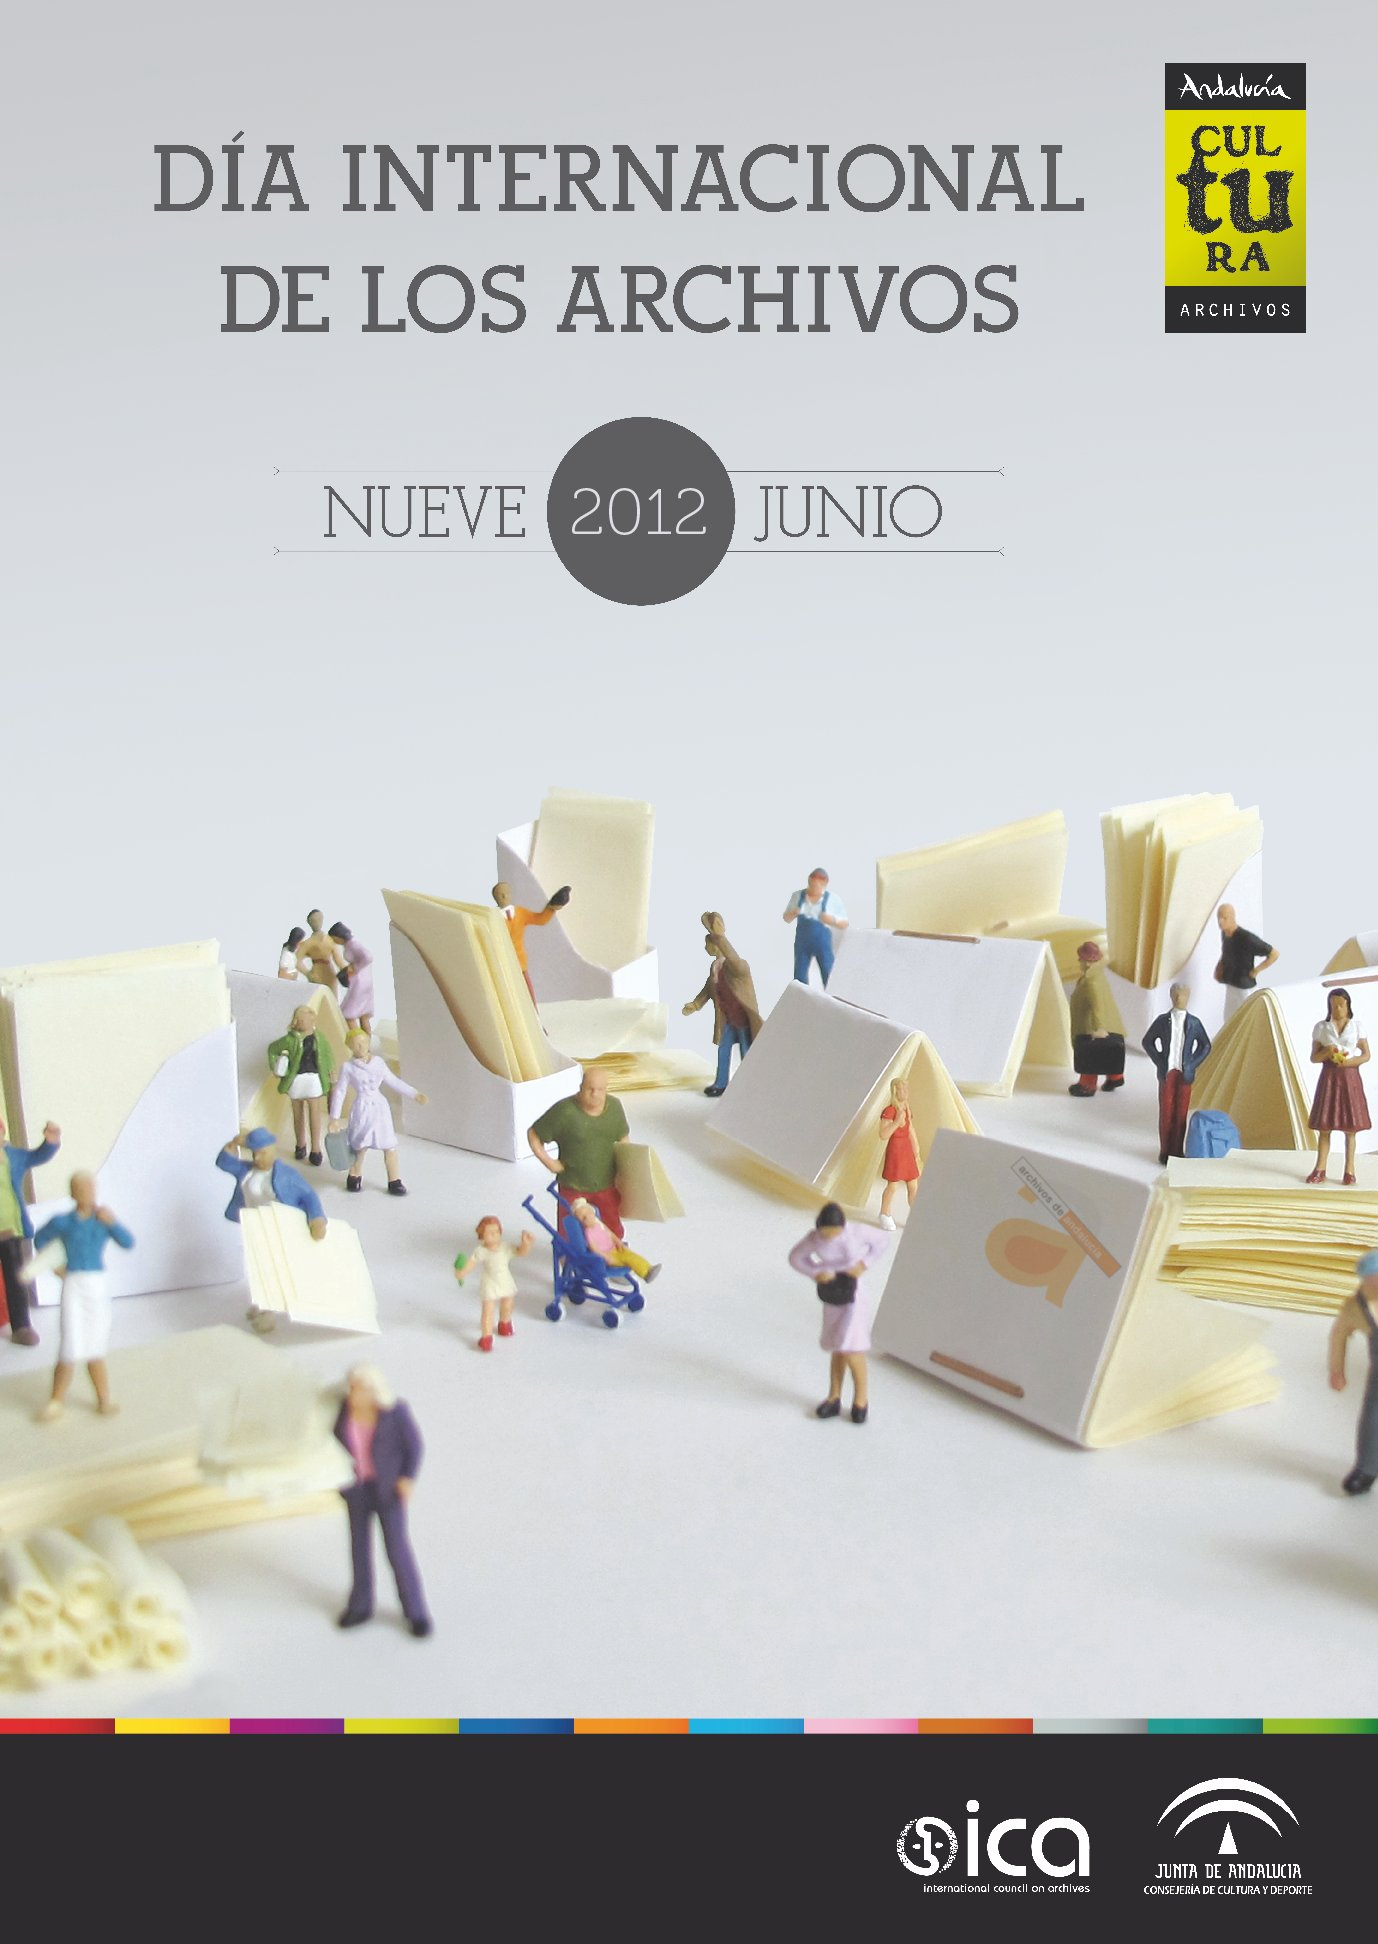 Cartel Día Internacional de los Archivos 2012